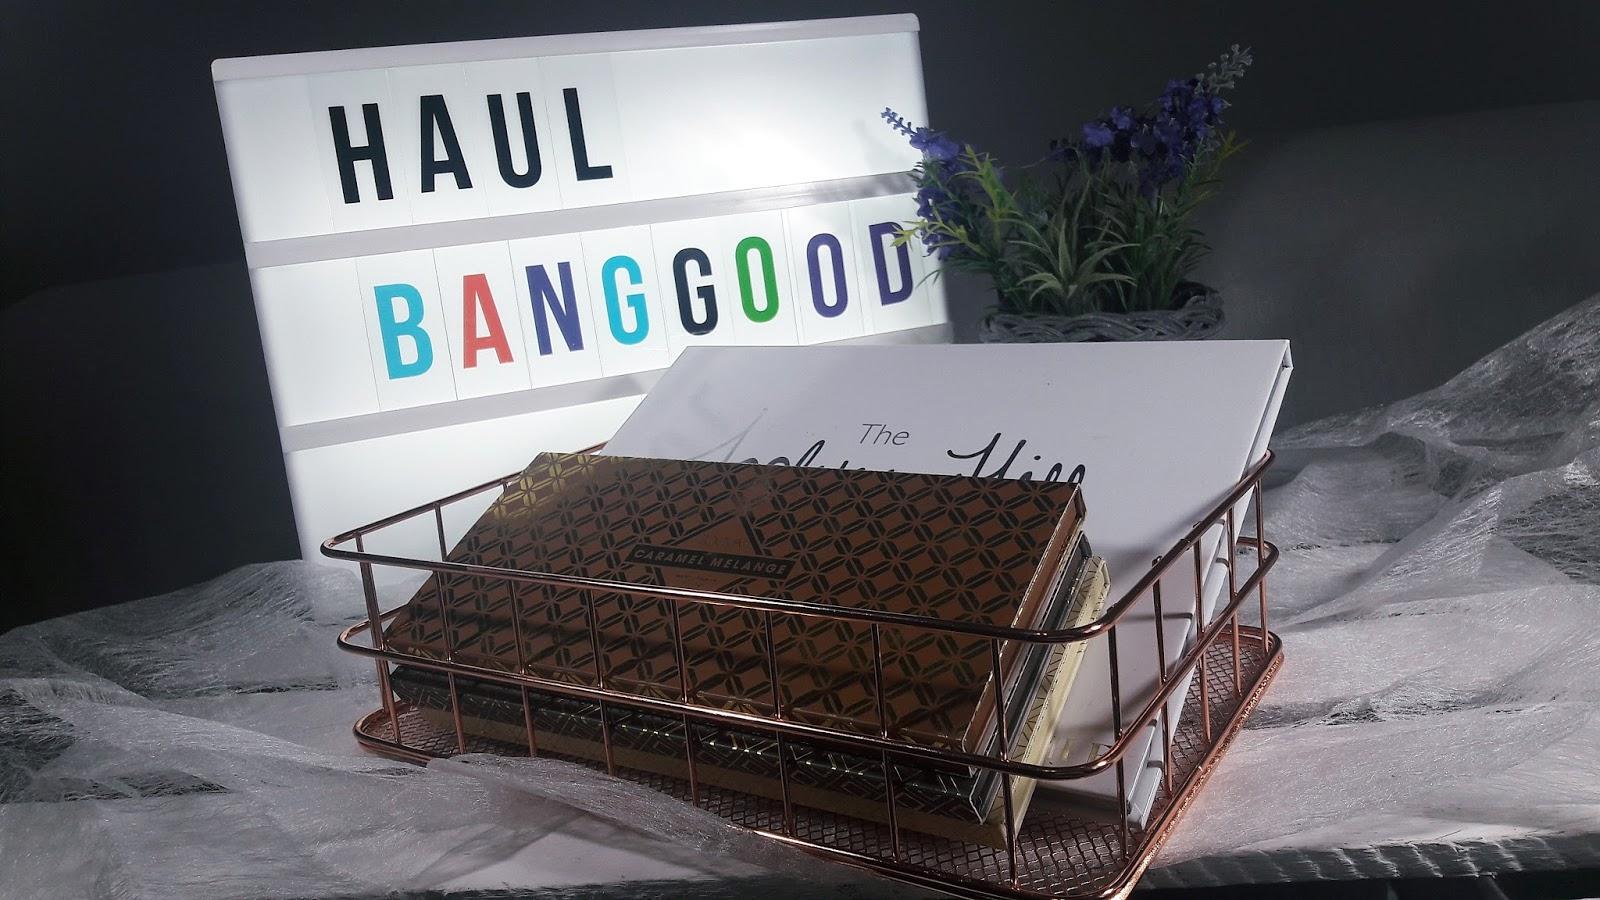 Haul Banggood